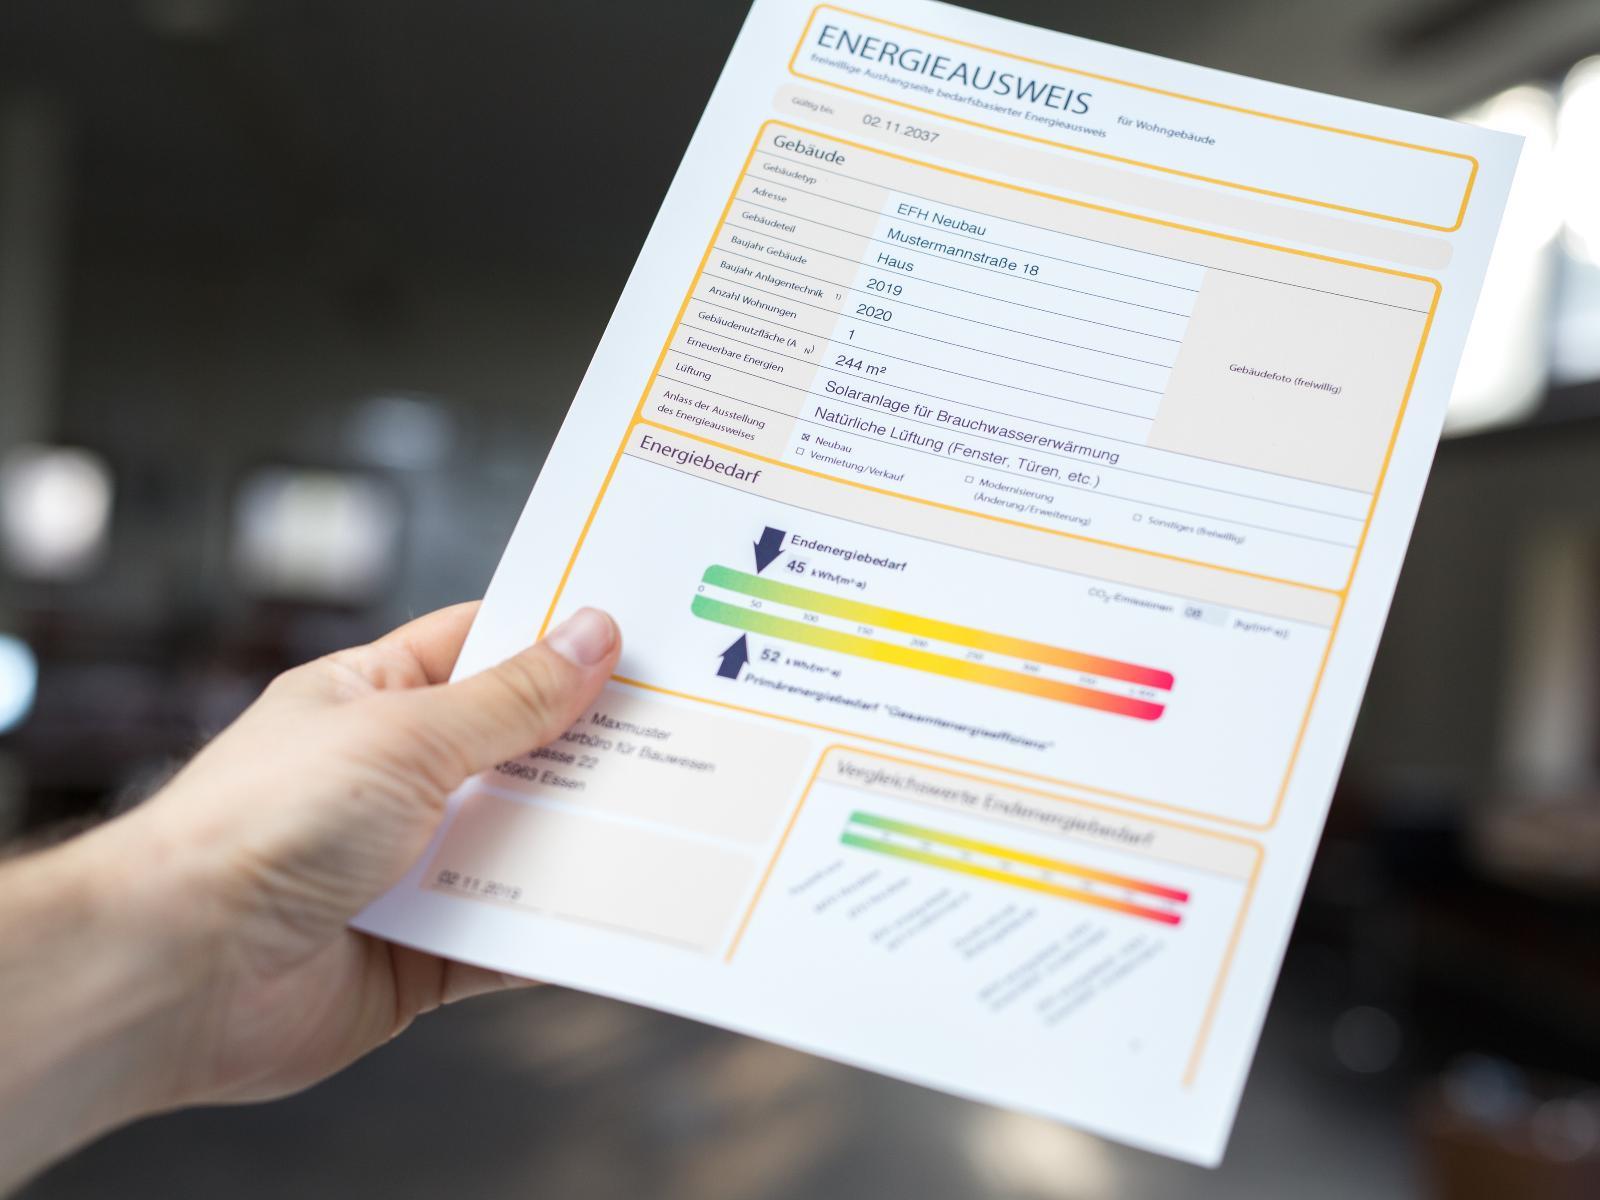 Mit dem Energieausweis können Sie den Energiebedarf oder den Energieverbrauch von Nichtwohngebäuden bzw. Gewerbeimmobilien bewerten lassen.